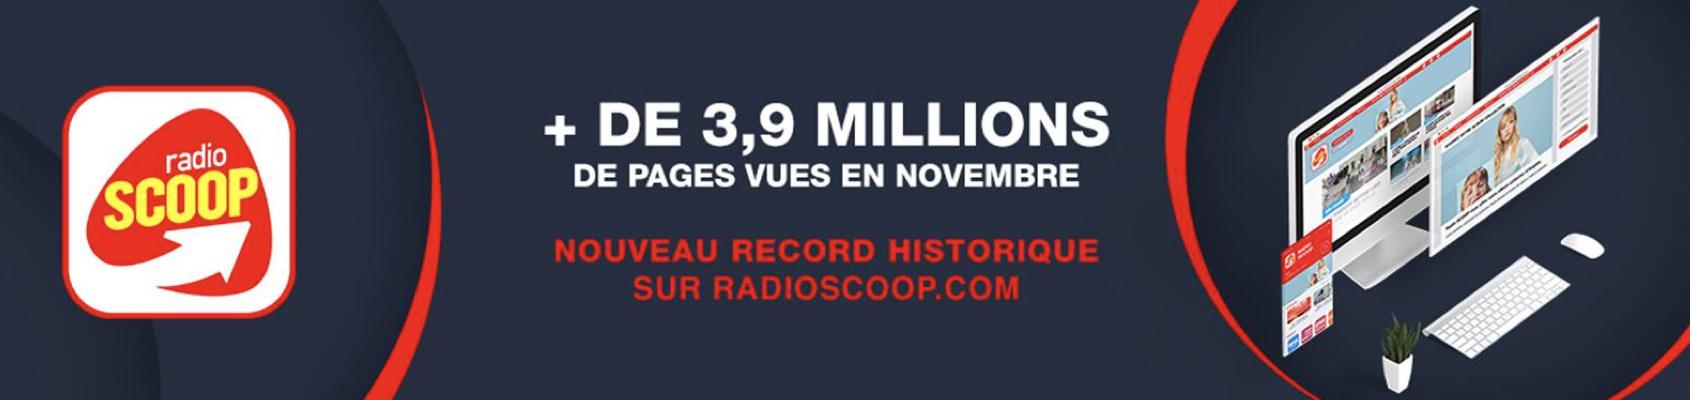 Plus de 3.9 millions de pages vues en novembre pour RadioScoop.com